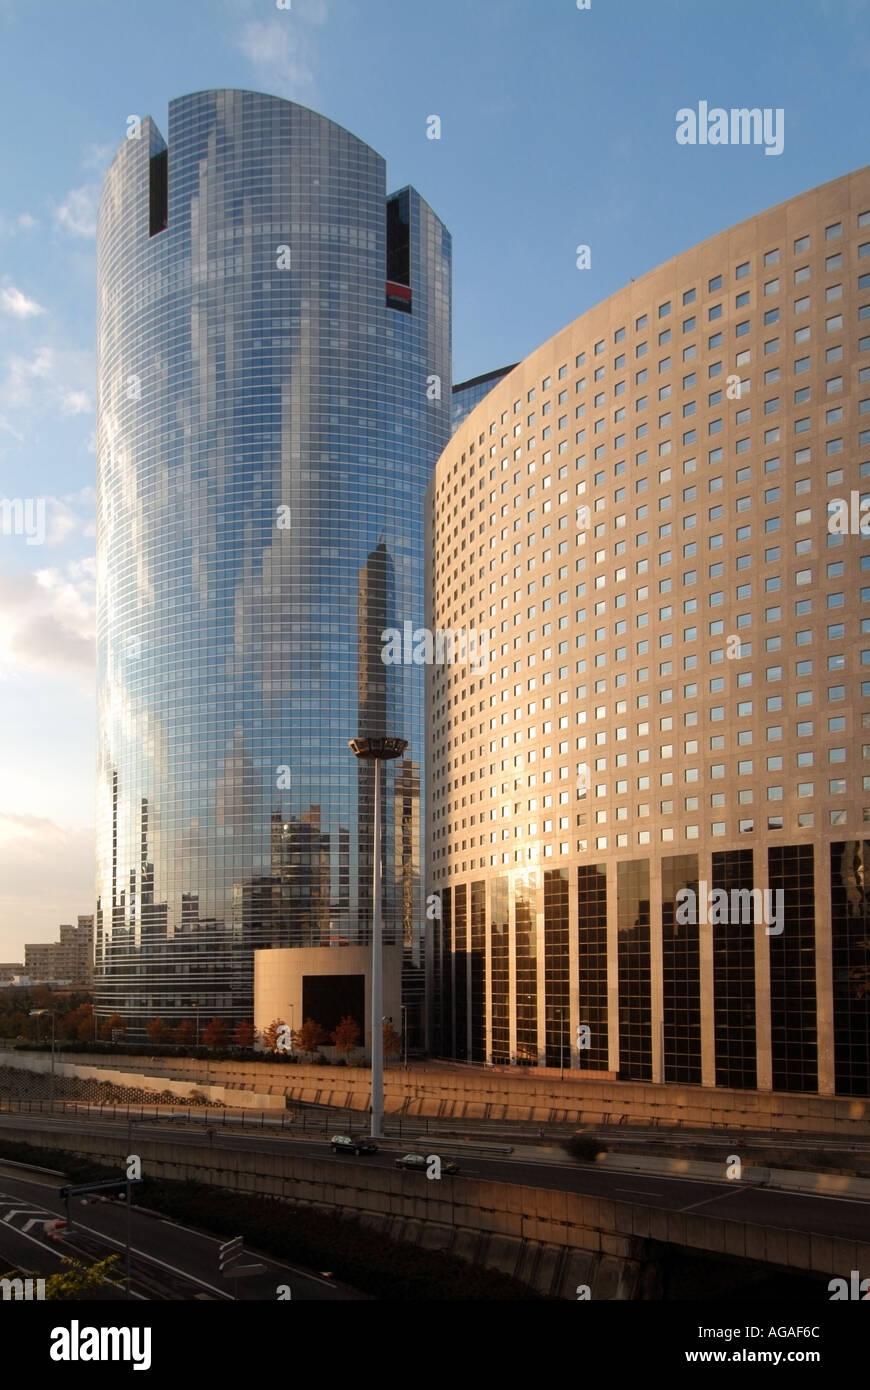 Paris La Defense Business Area Modern Architecture Office Buildings